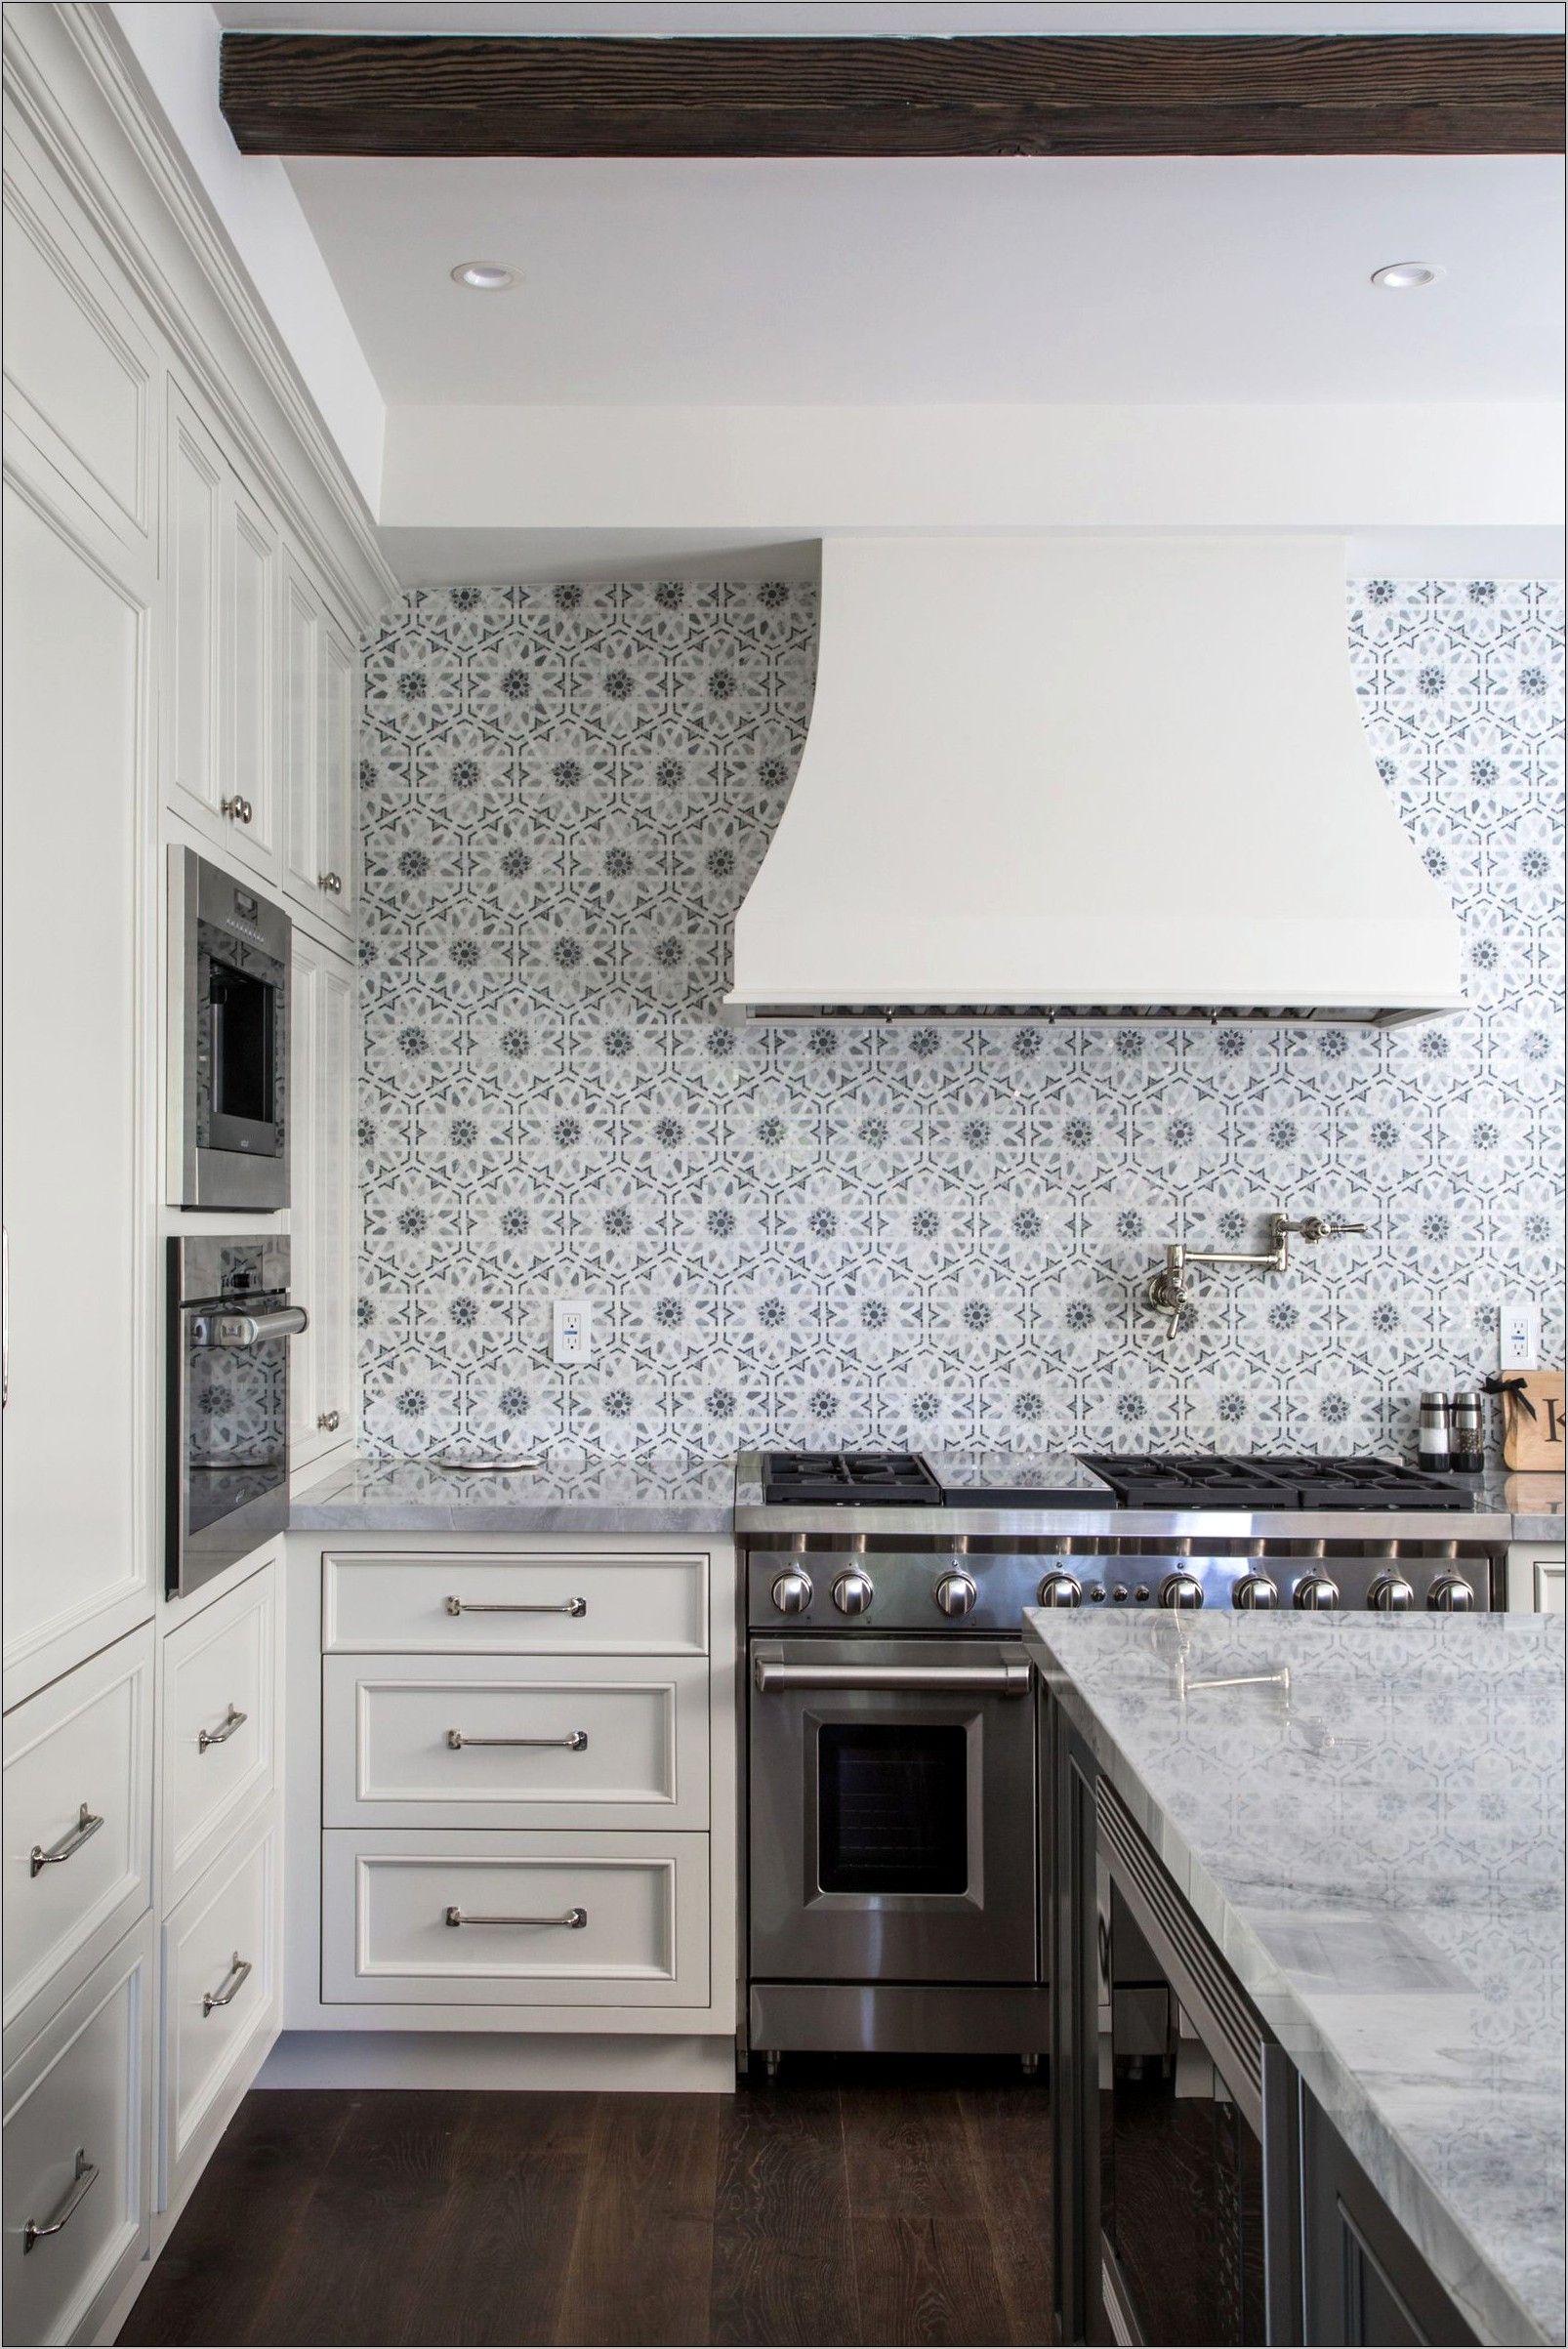 Decorative Kitchen Tiles Los Angeles